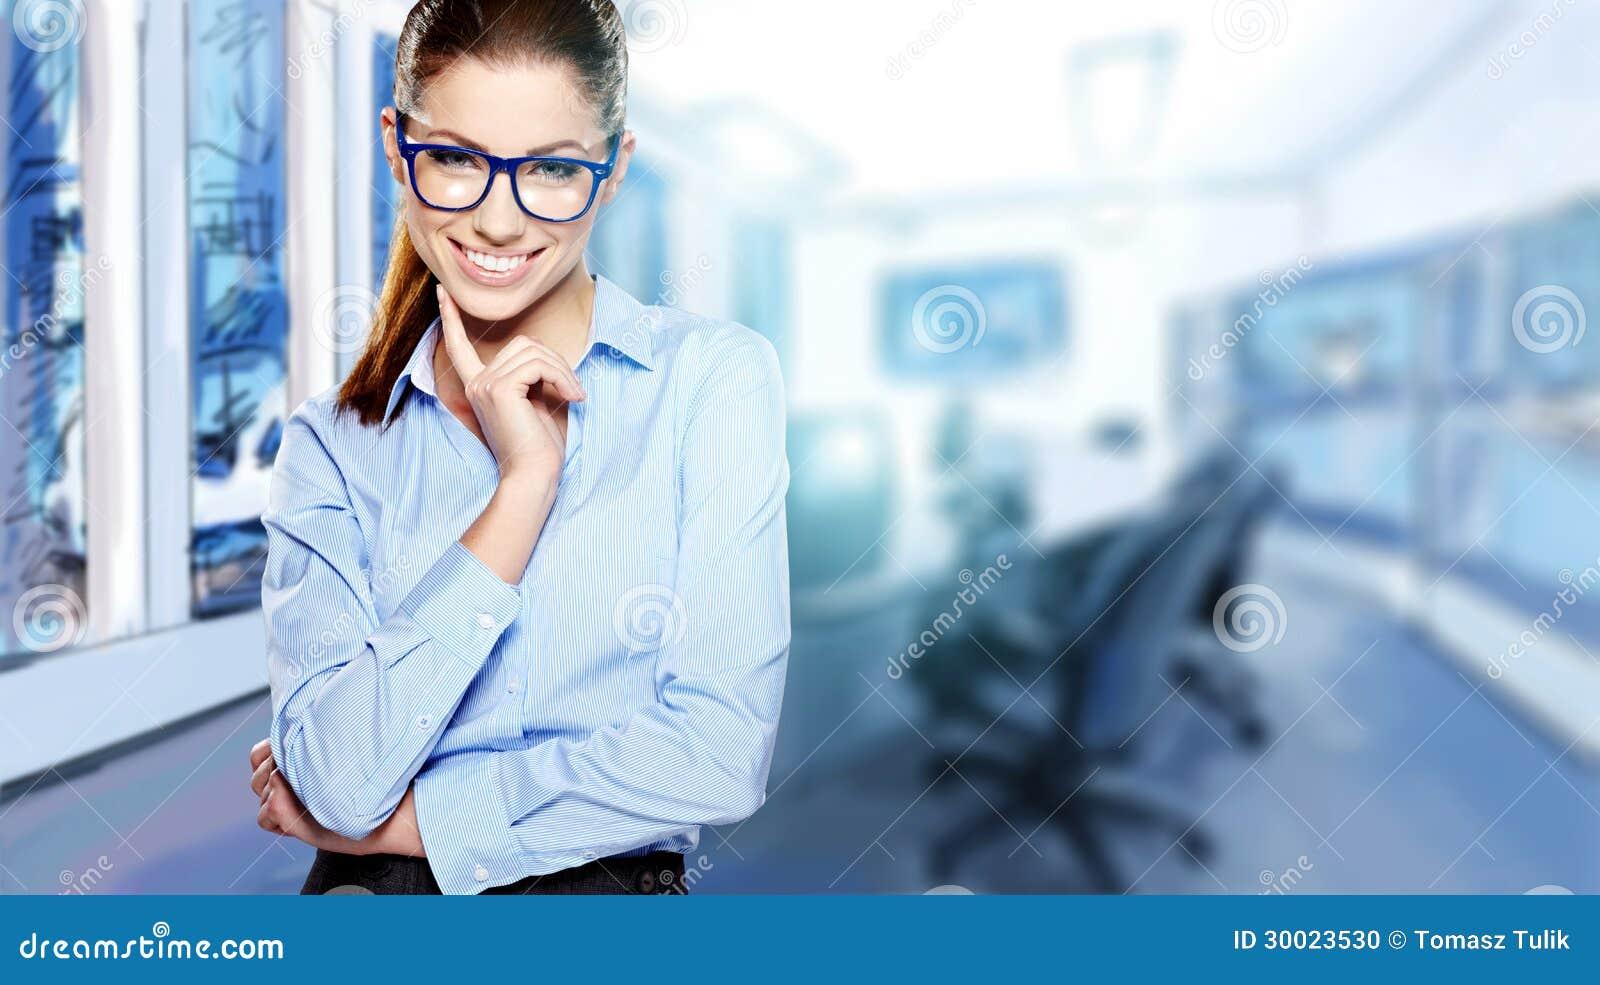 Beautiful business woman